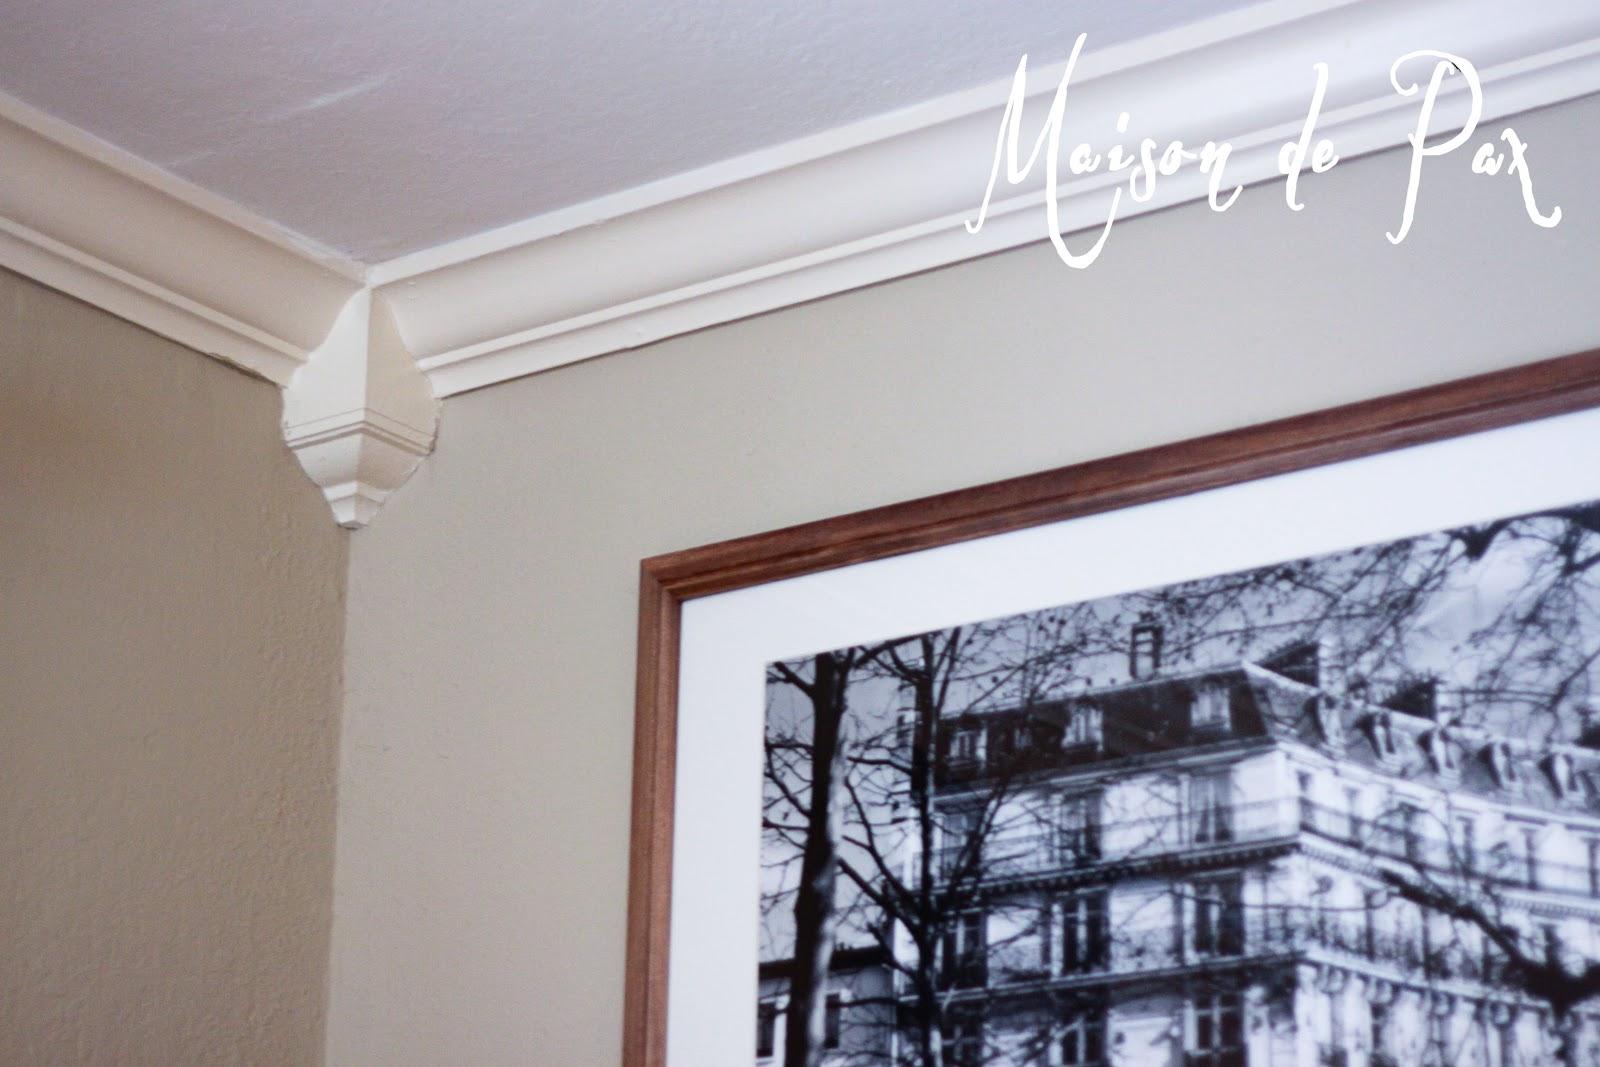 Installing Crown Molding - Maison de Pax